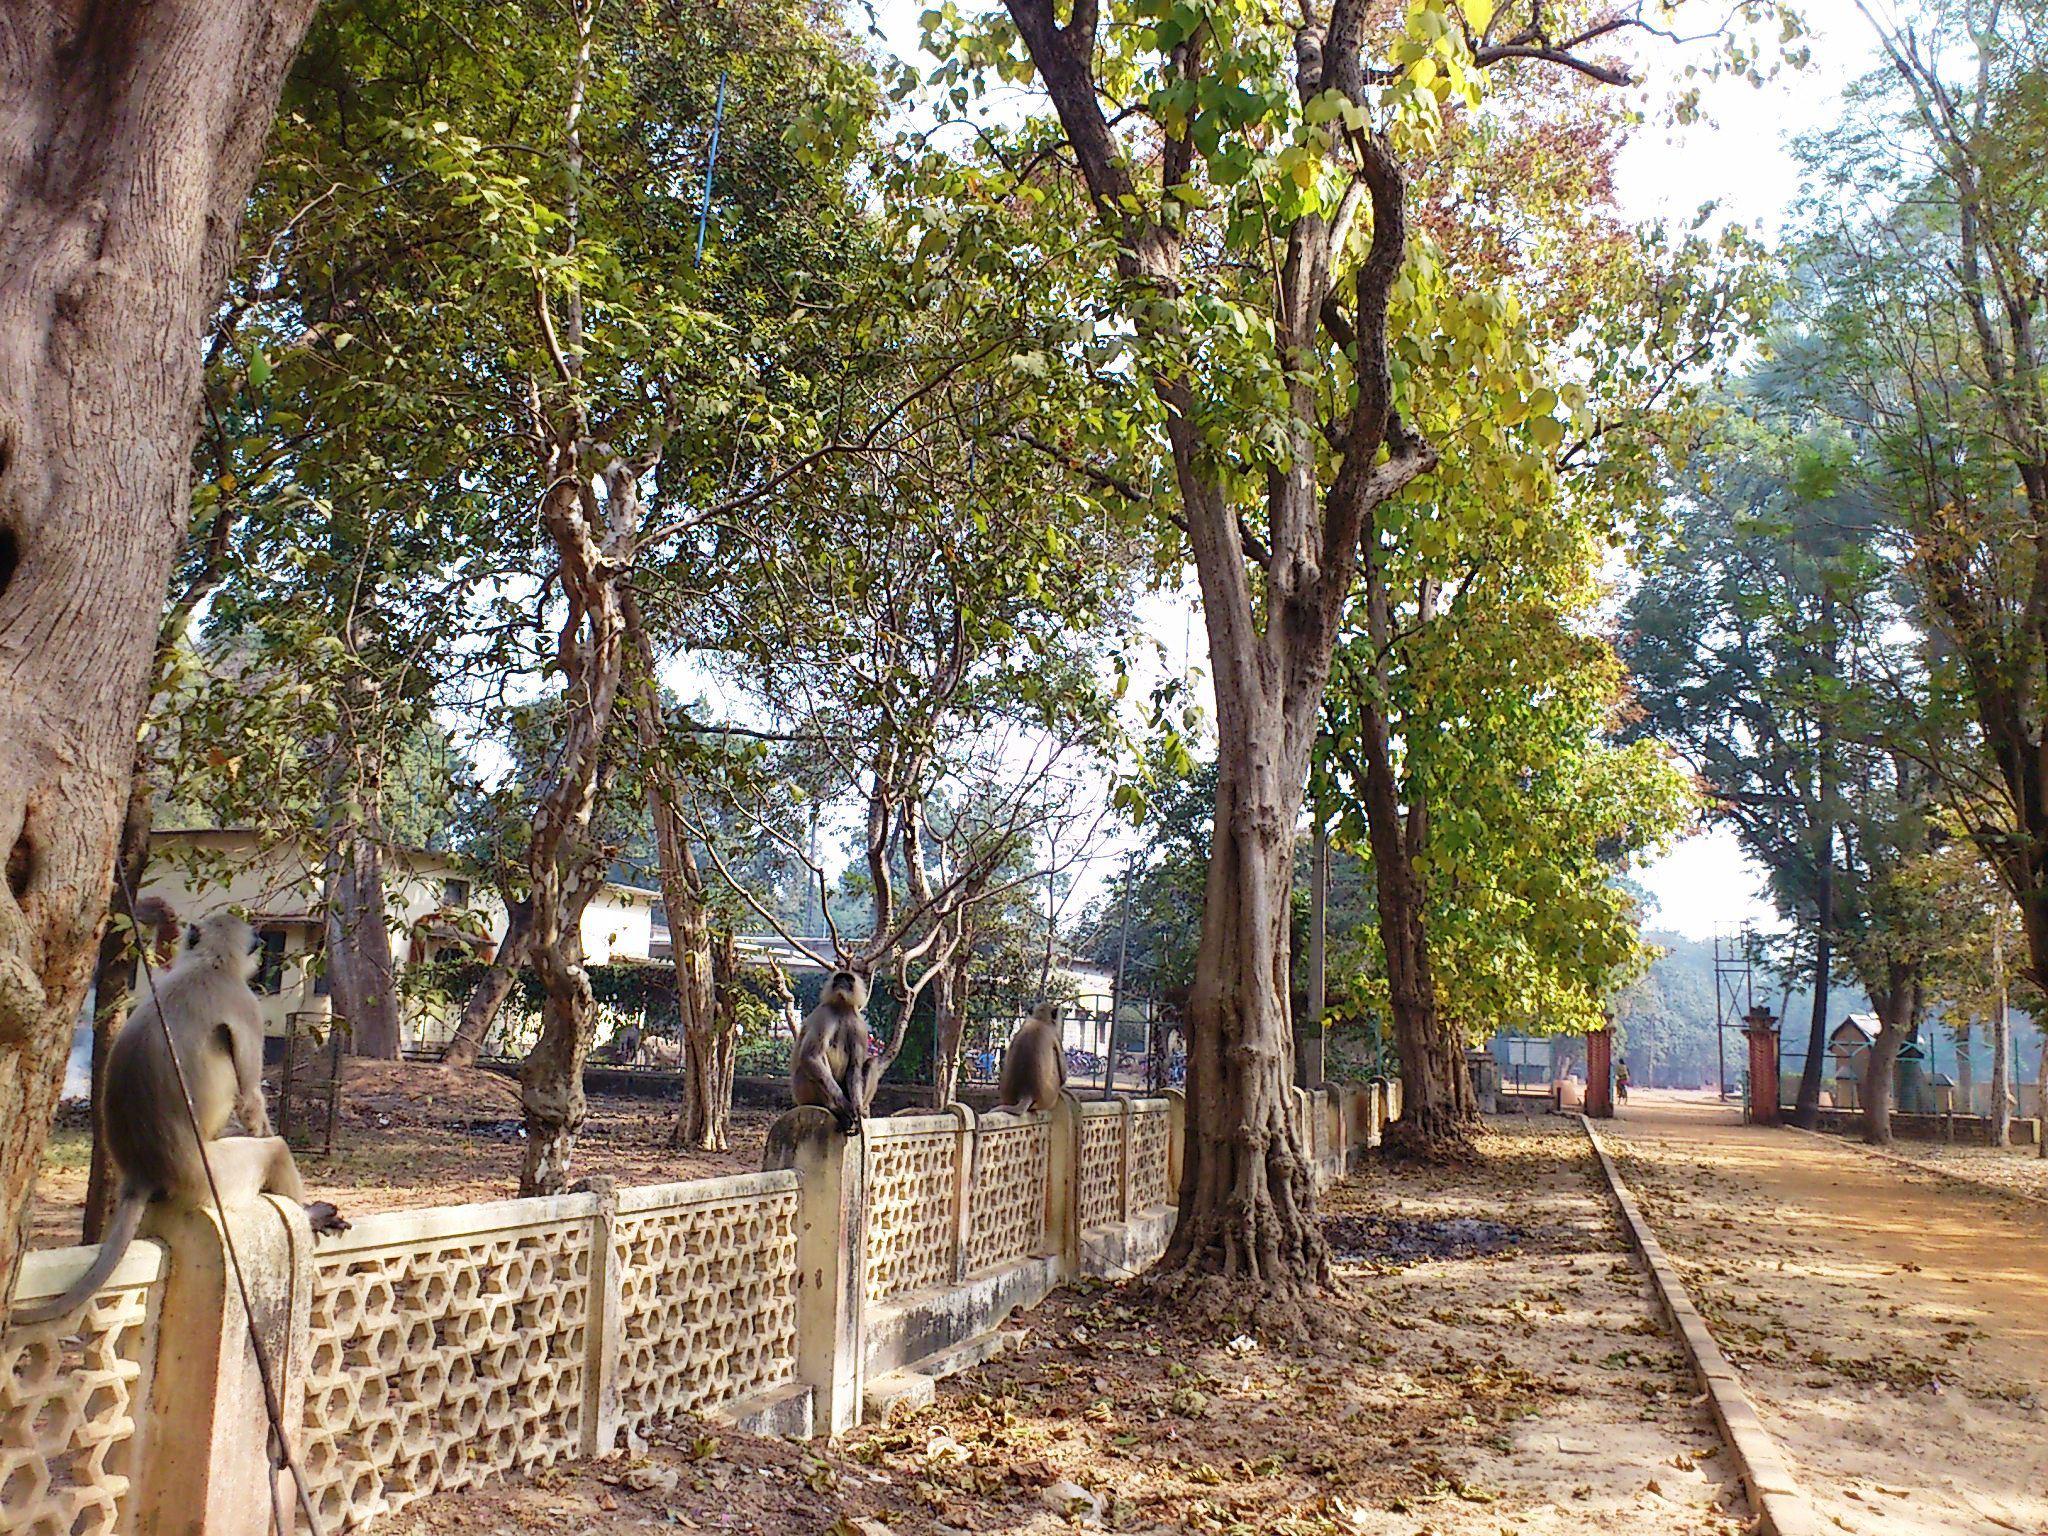 校舎の柵でくつろぐオナガザルの群れ(立ち上がると人の背丈ほど大きい)